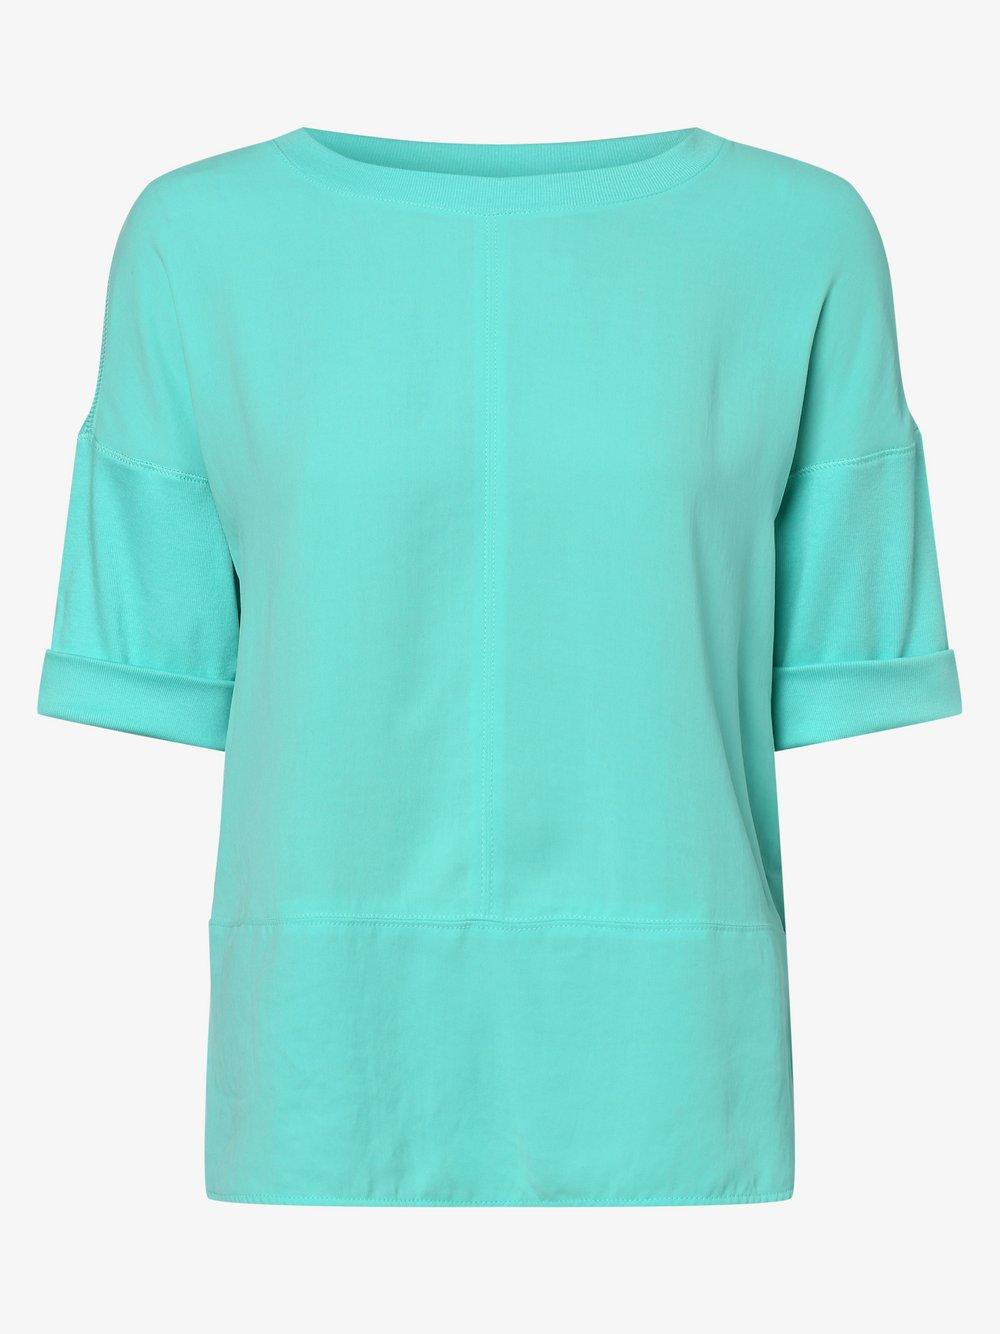 Marc Cain Sports – Koszulka damska, niebieski Van Graaf 459023-0002-00400